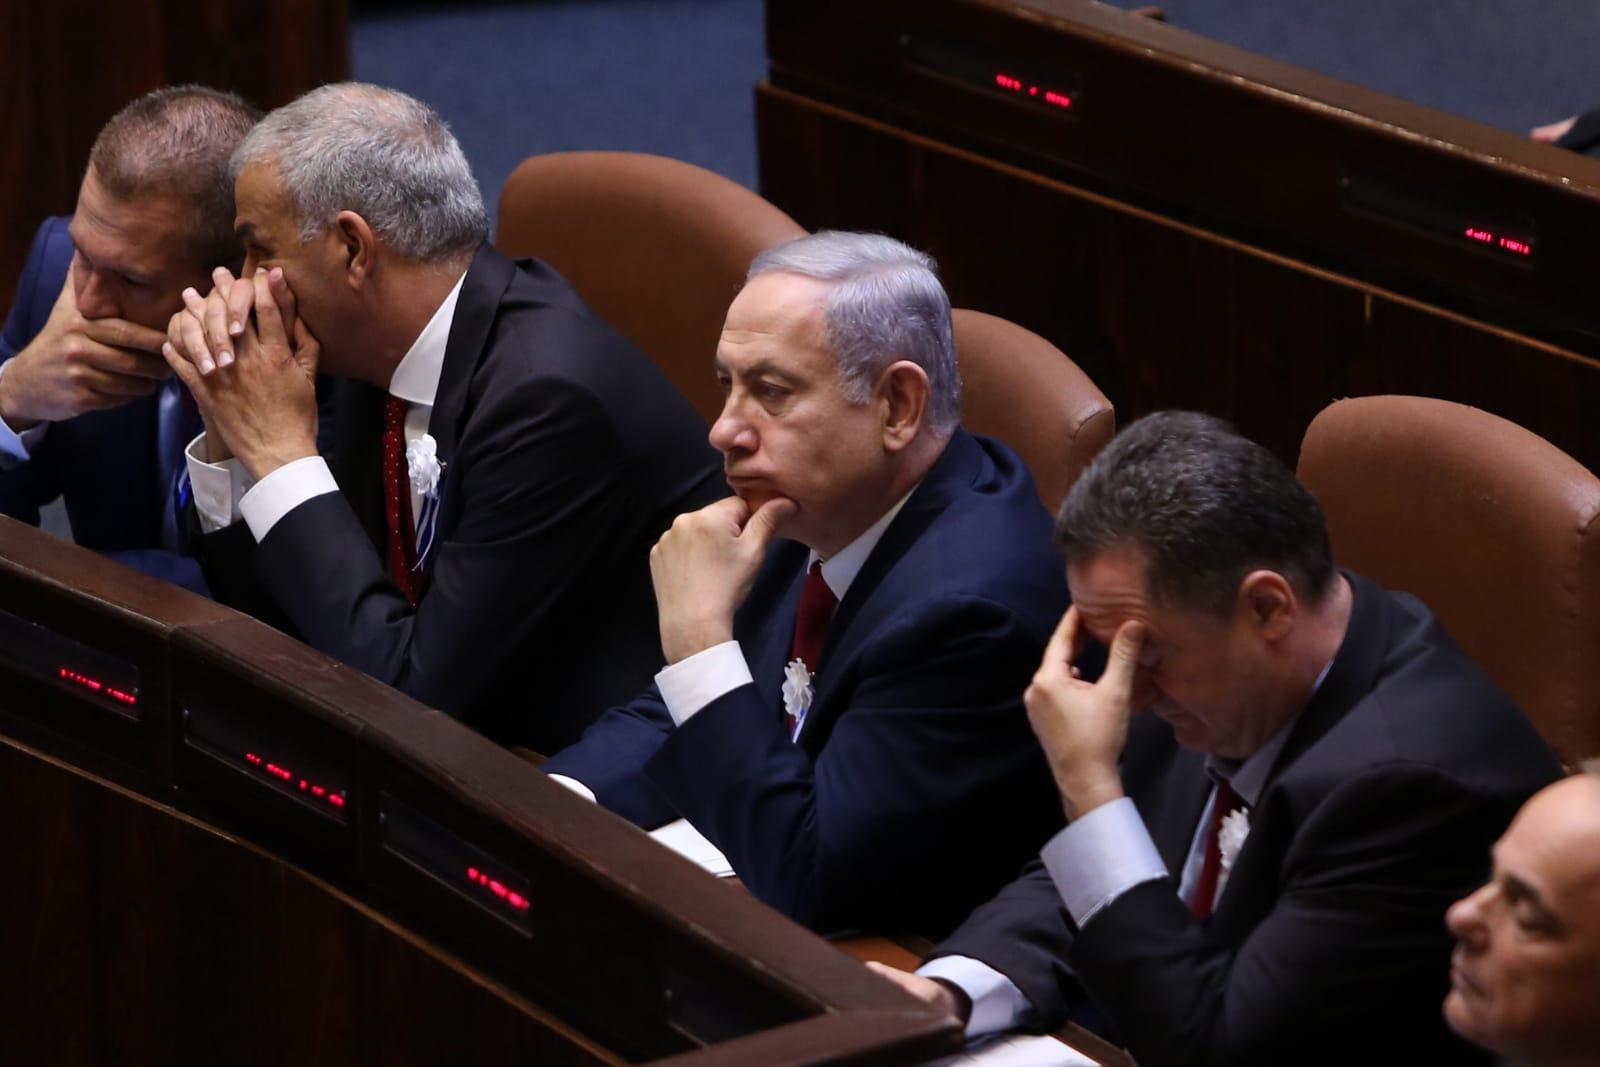 ישראל כץ נרדם בשמירה (צילום: חיים גולדברג\סרוגים)